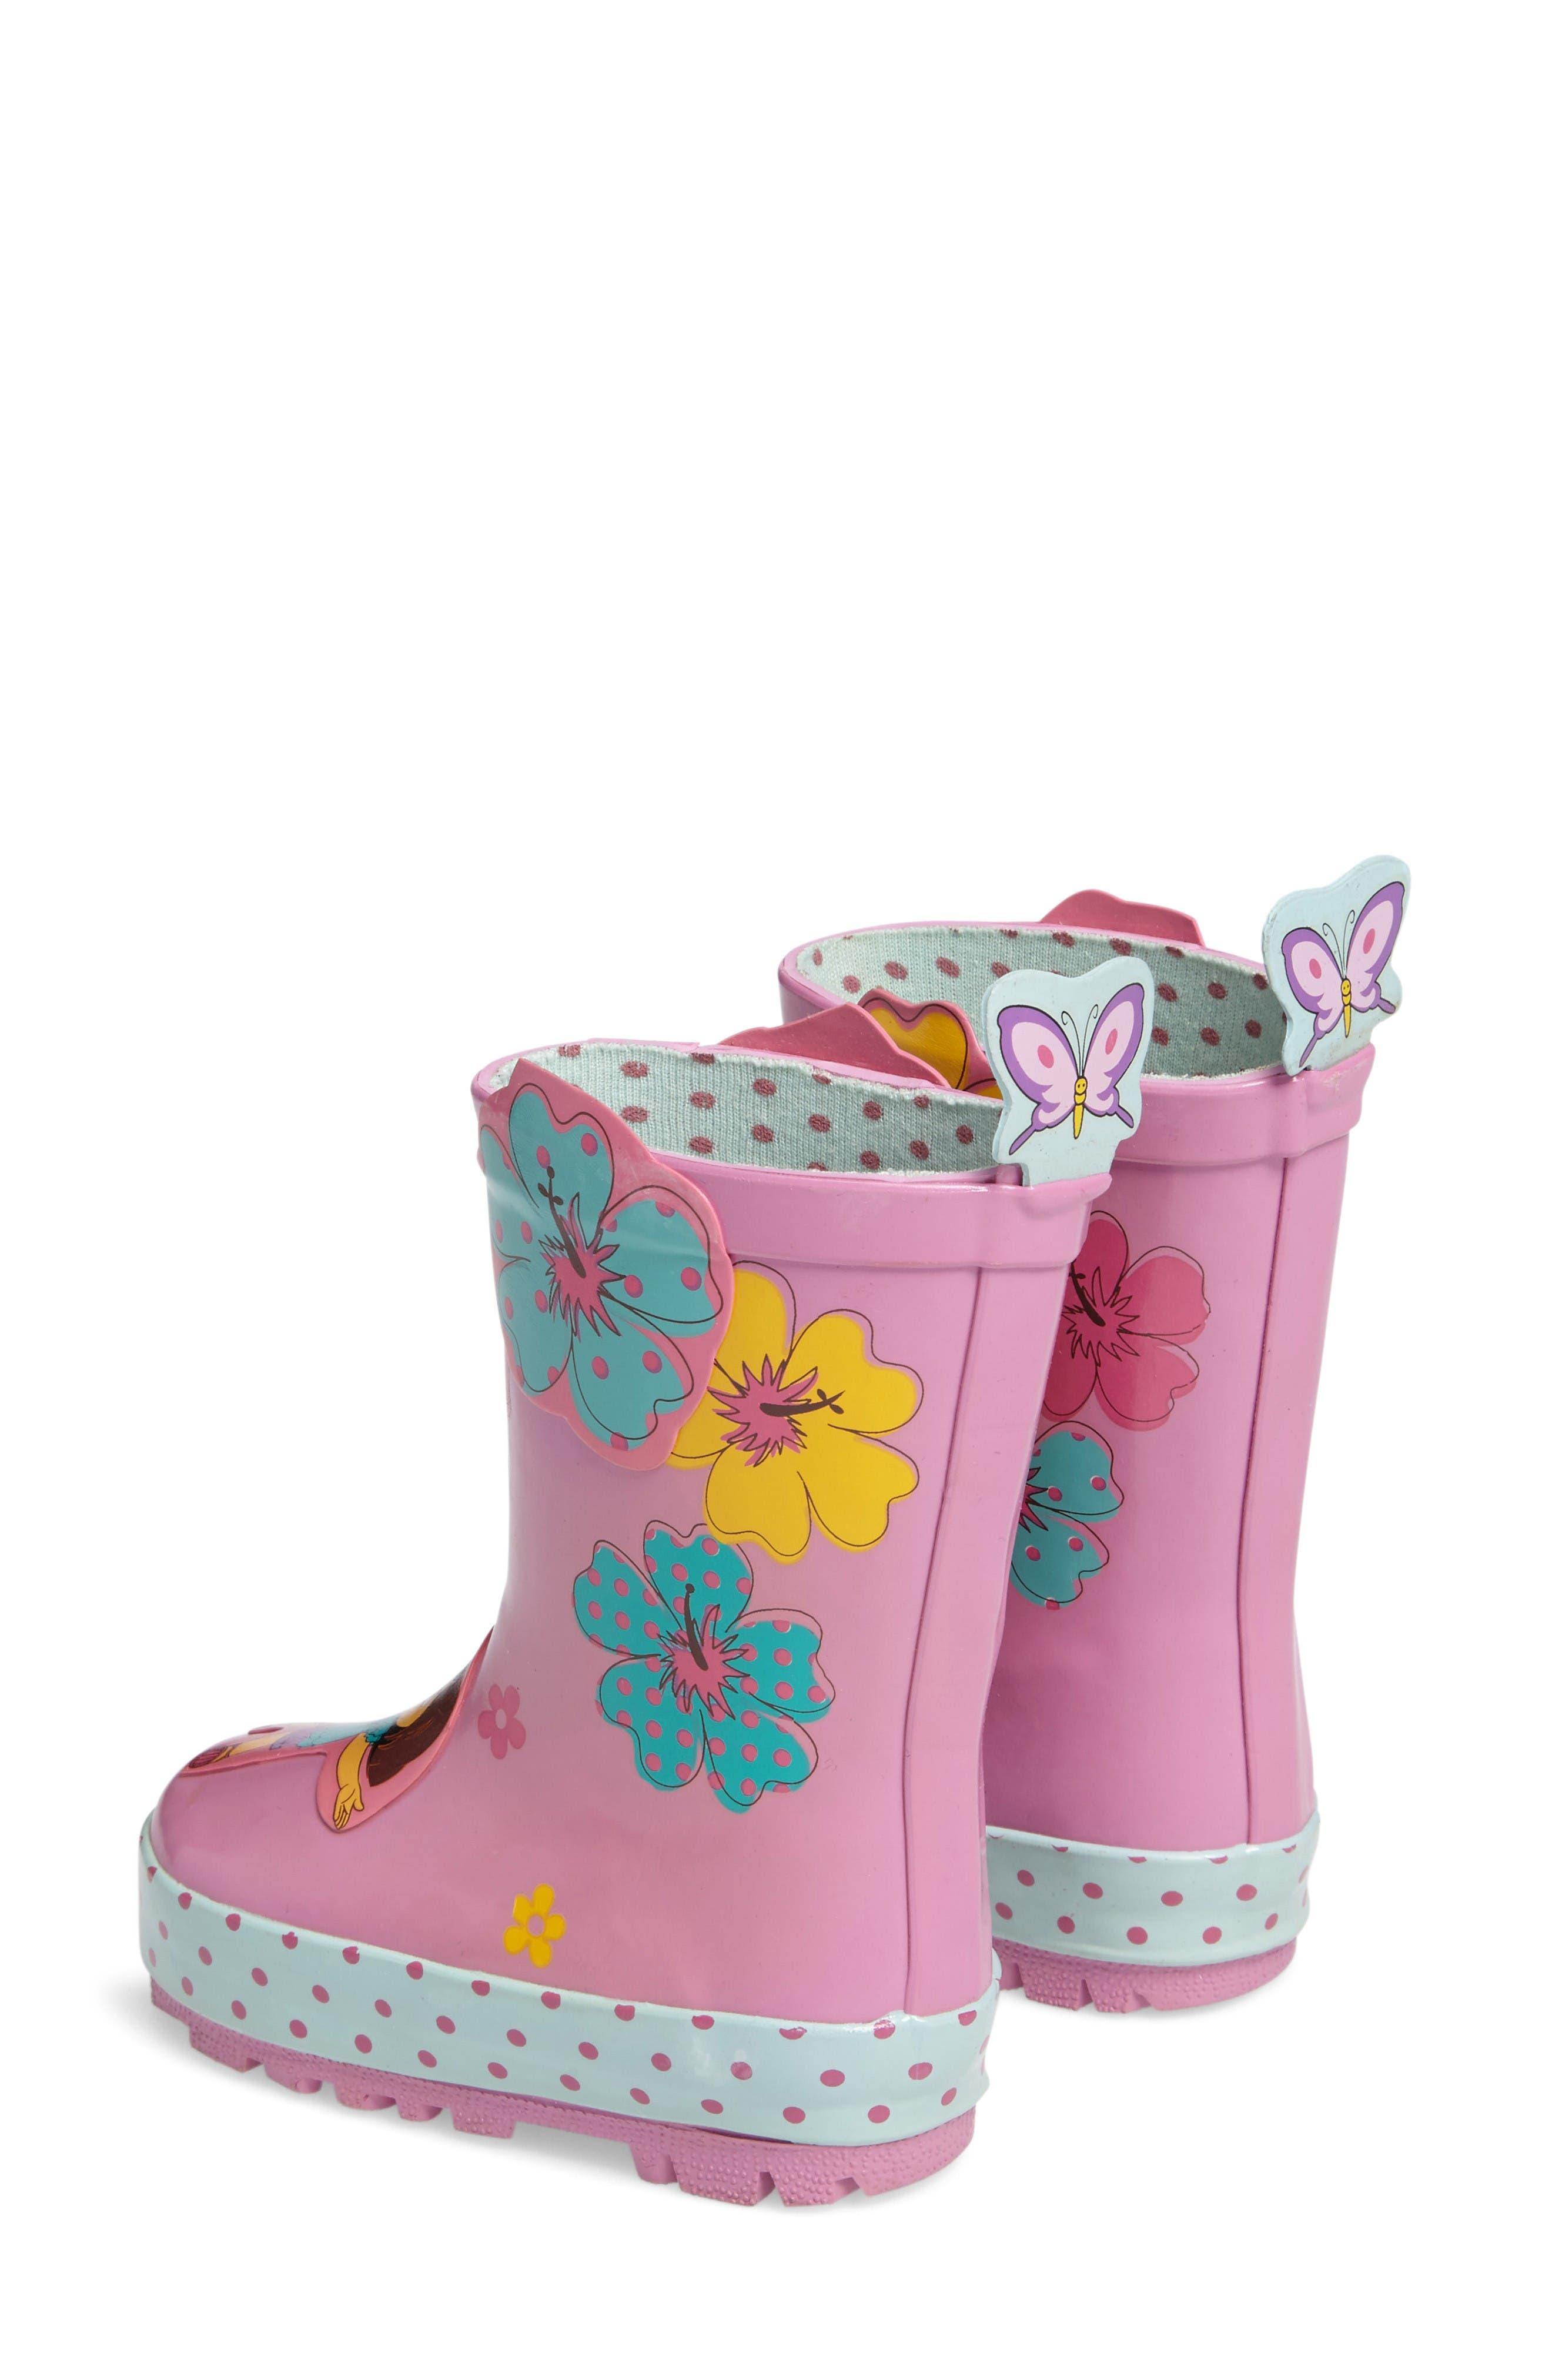 Dora the Explorer Rain Boot,                             Alternate thumbnail 3, color,                             Purple